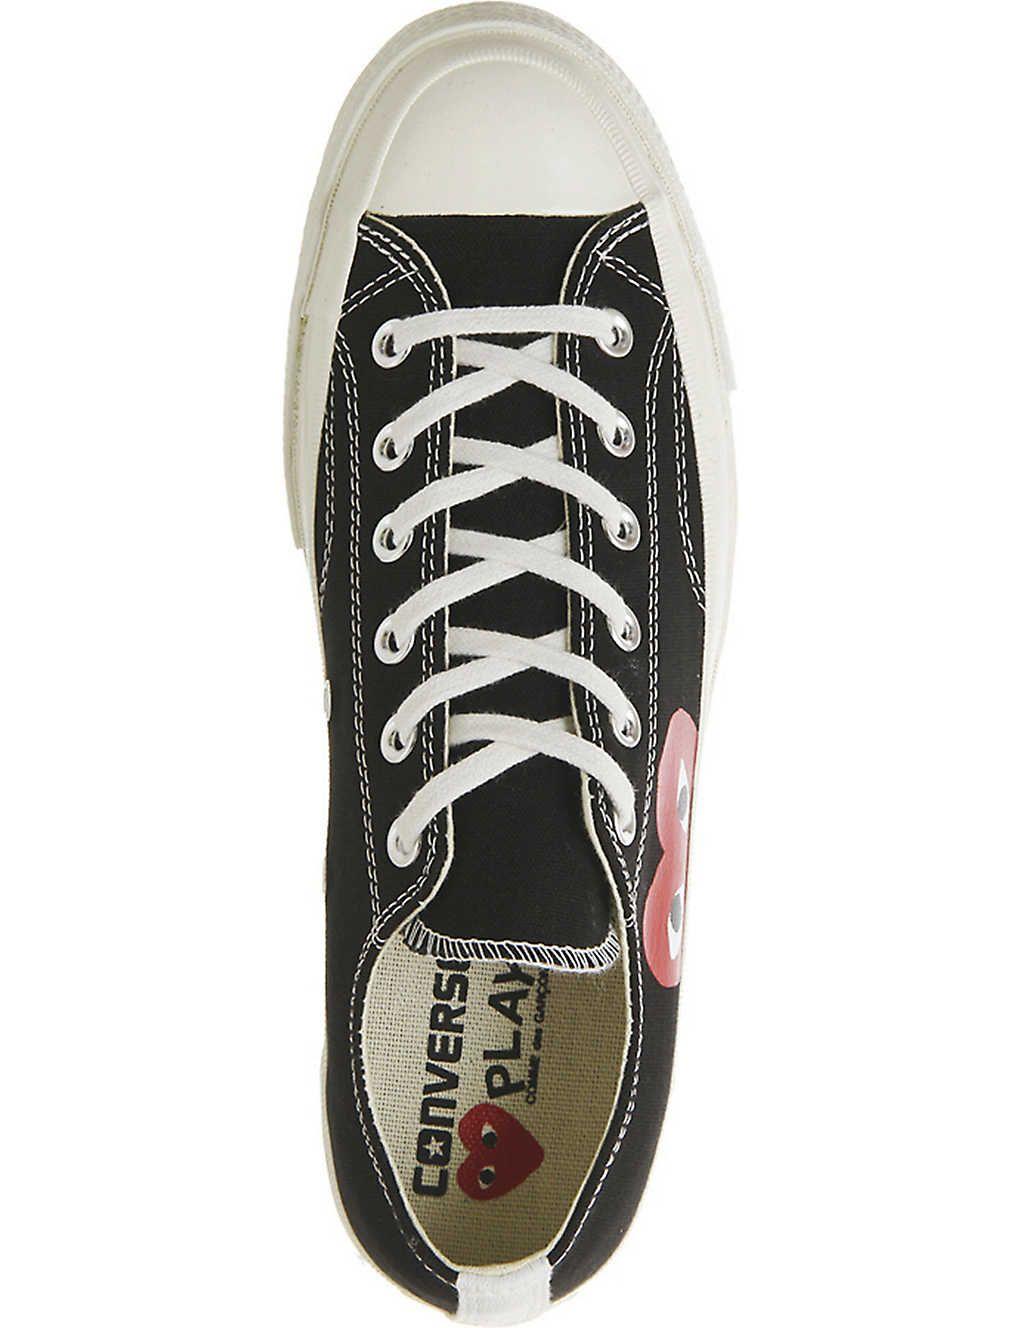 Converse, Converse 70s, Comme des garcons